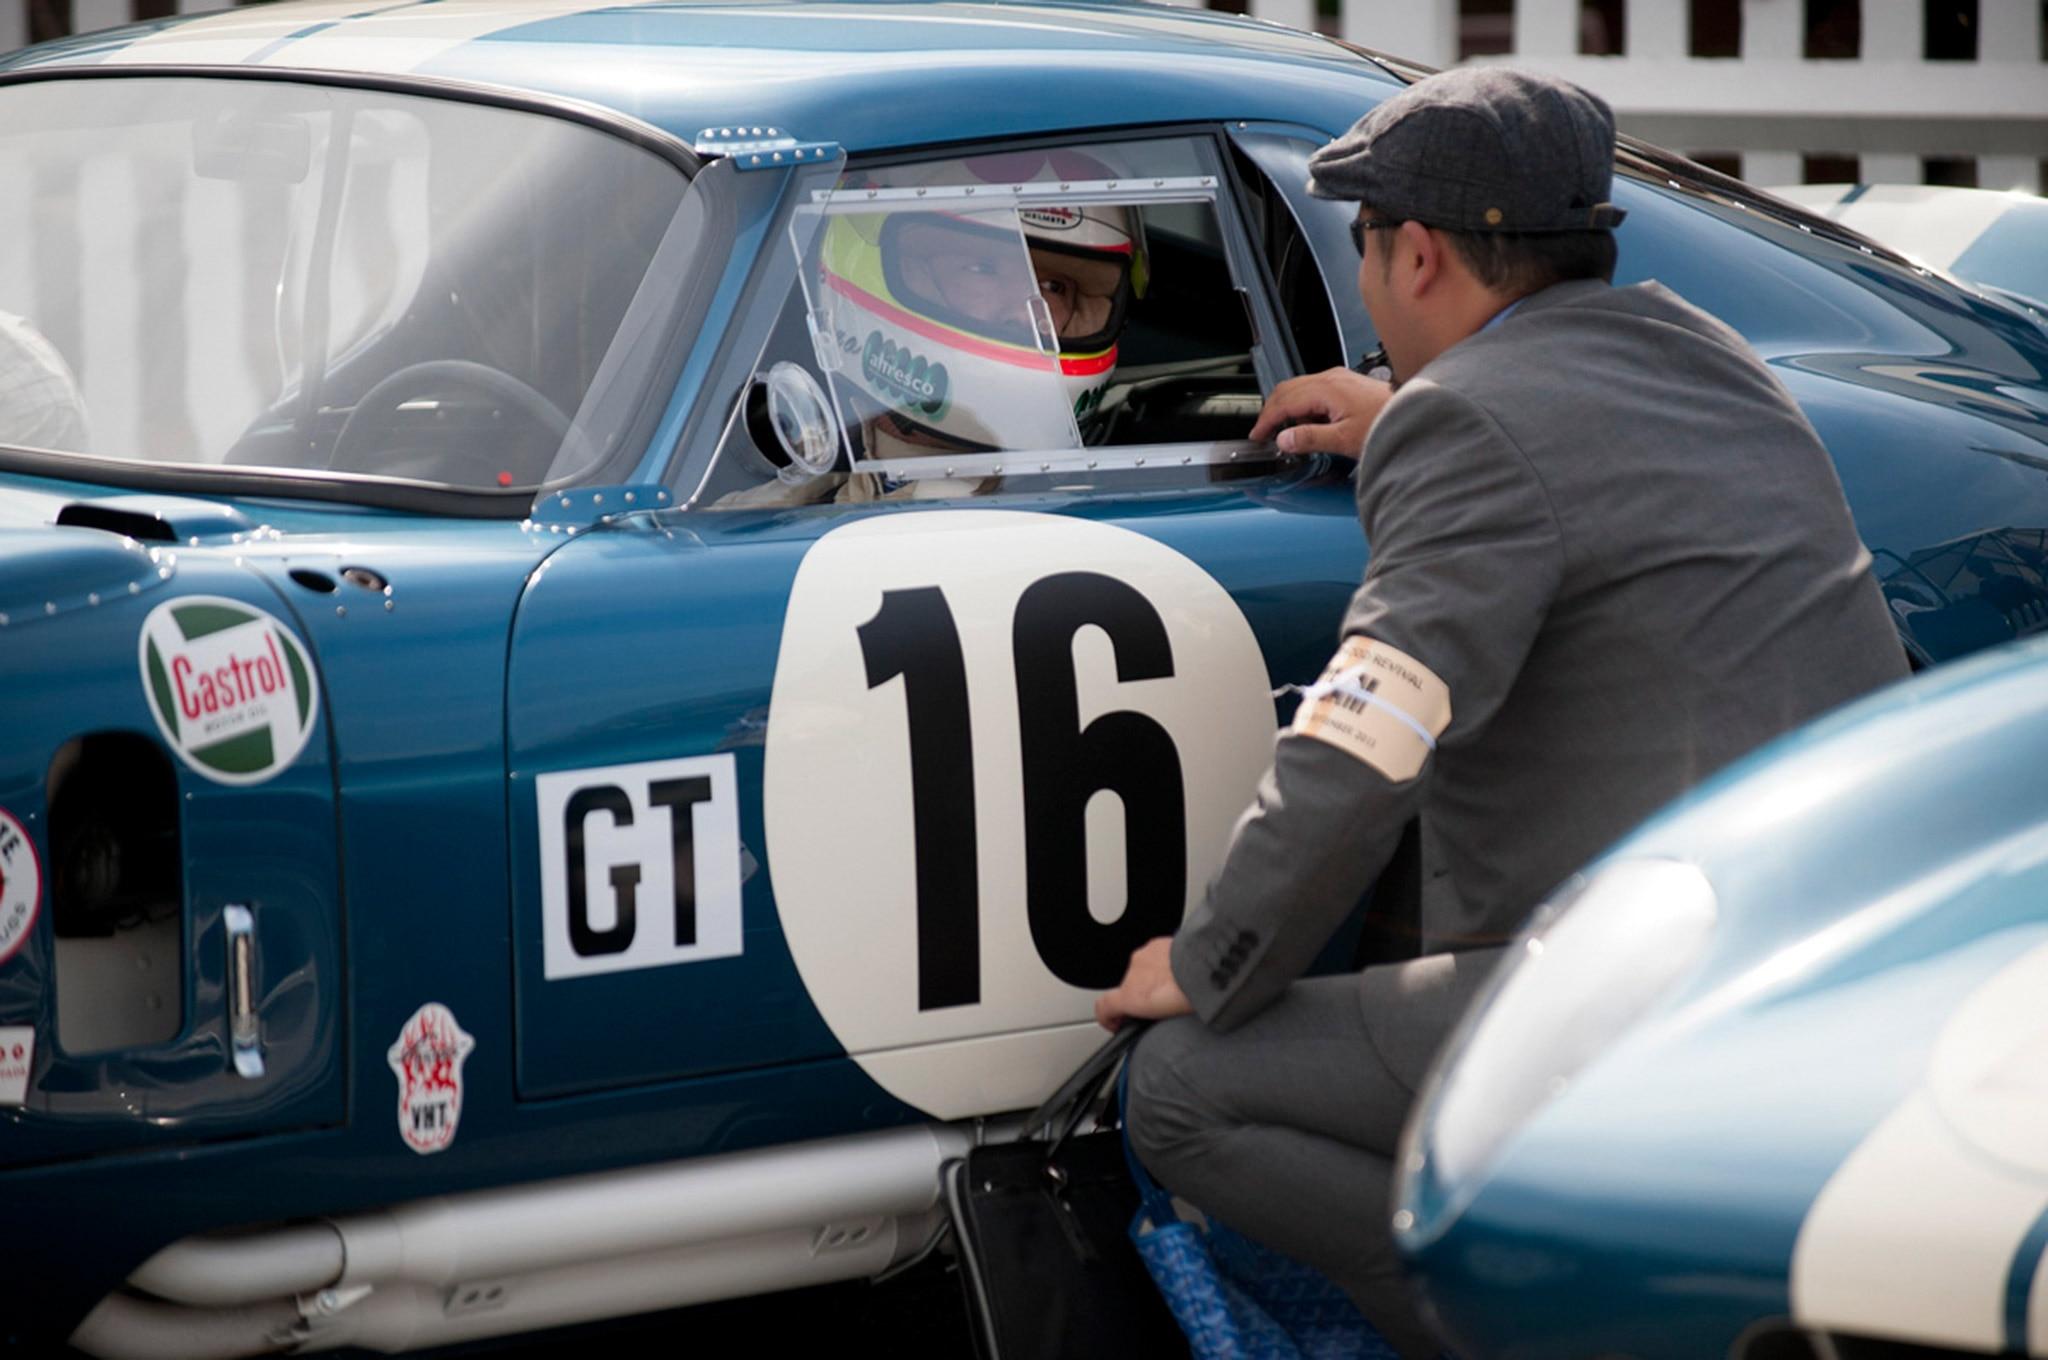 2015 Goodwood Revival Vintage Mustangs 29